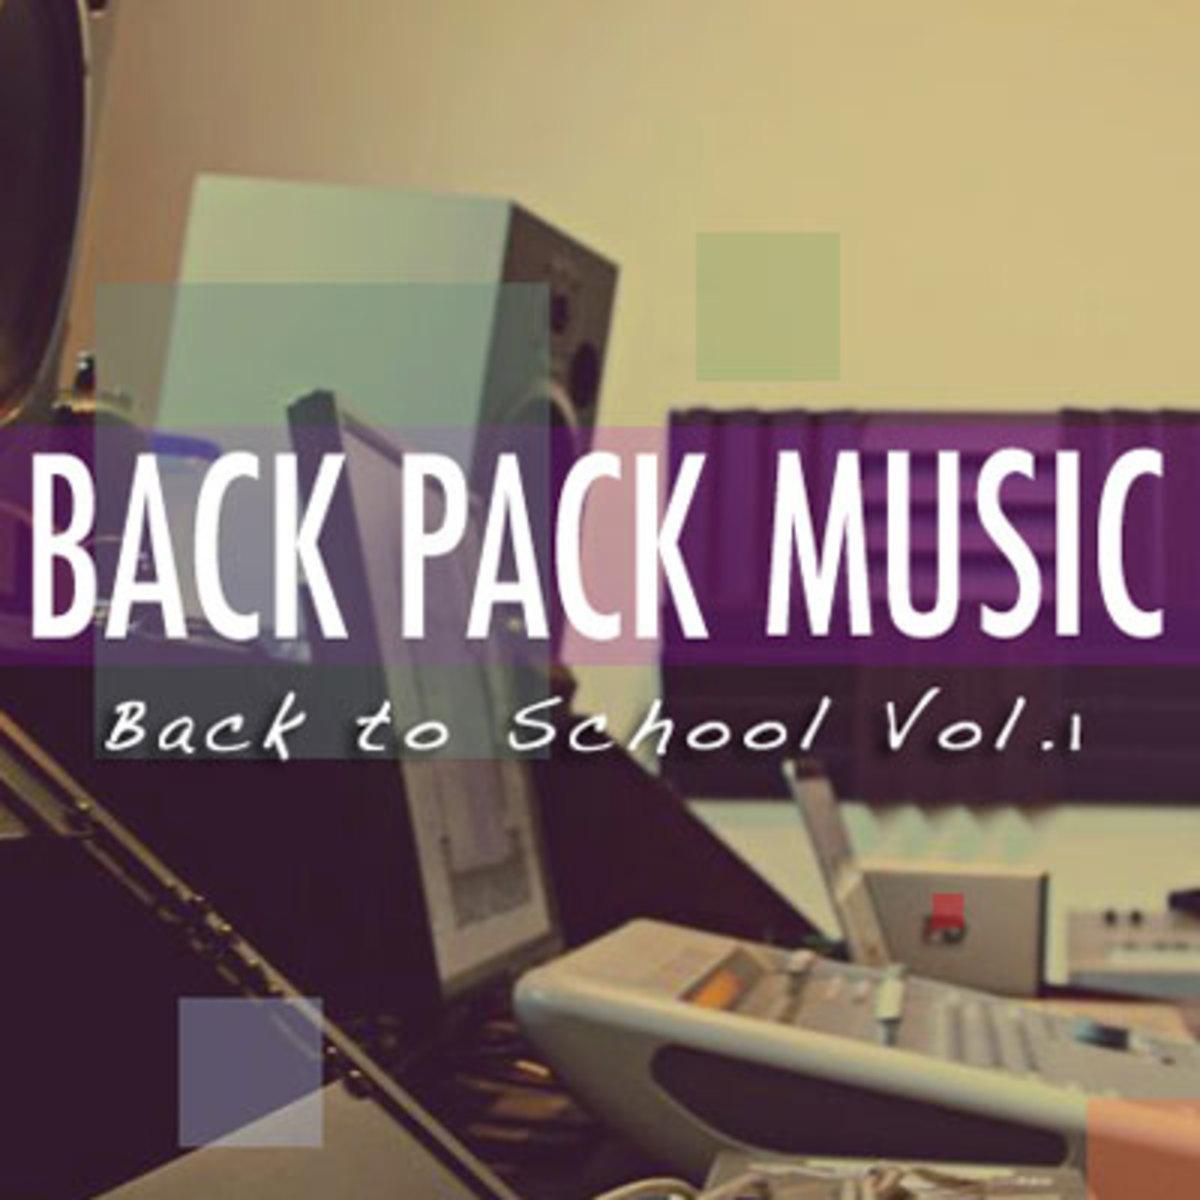 backpackmusic.jpg